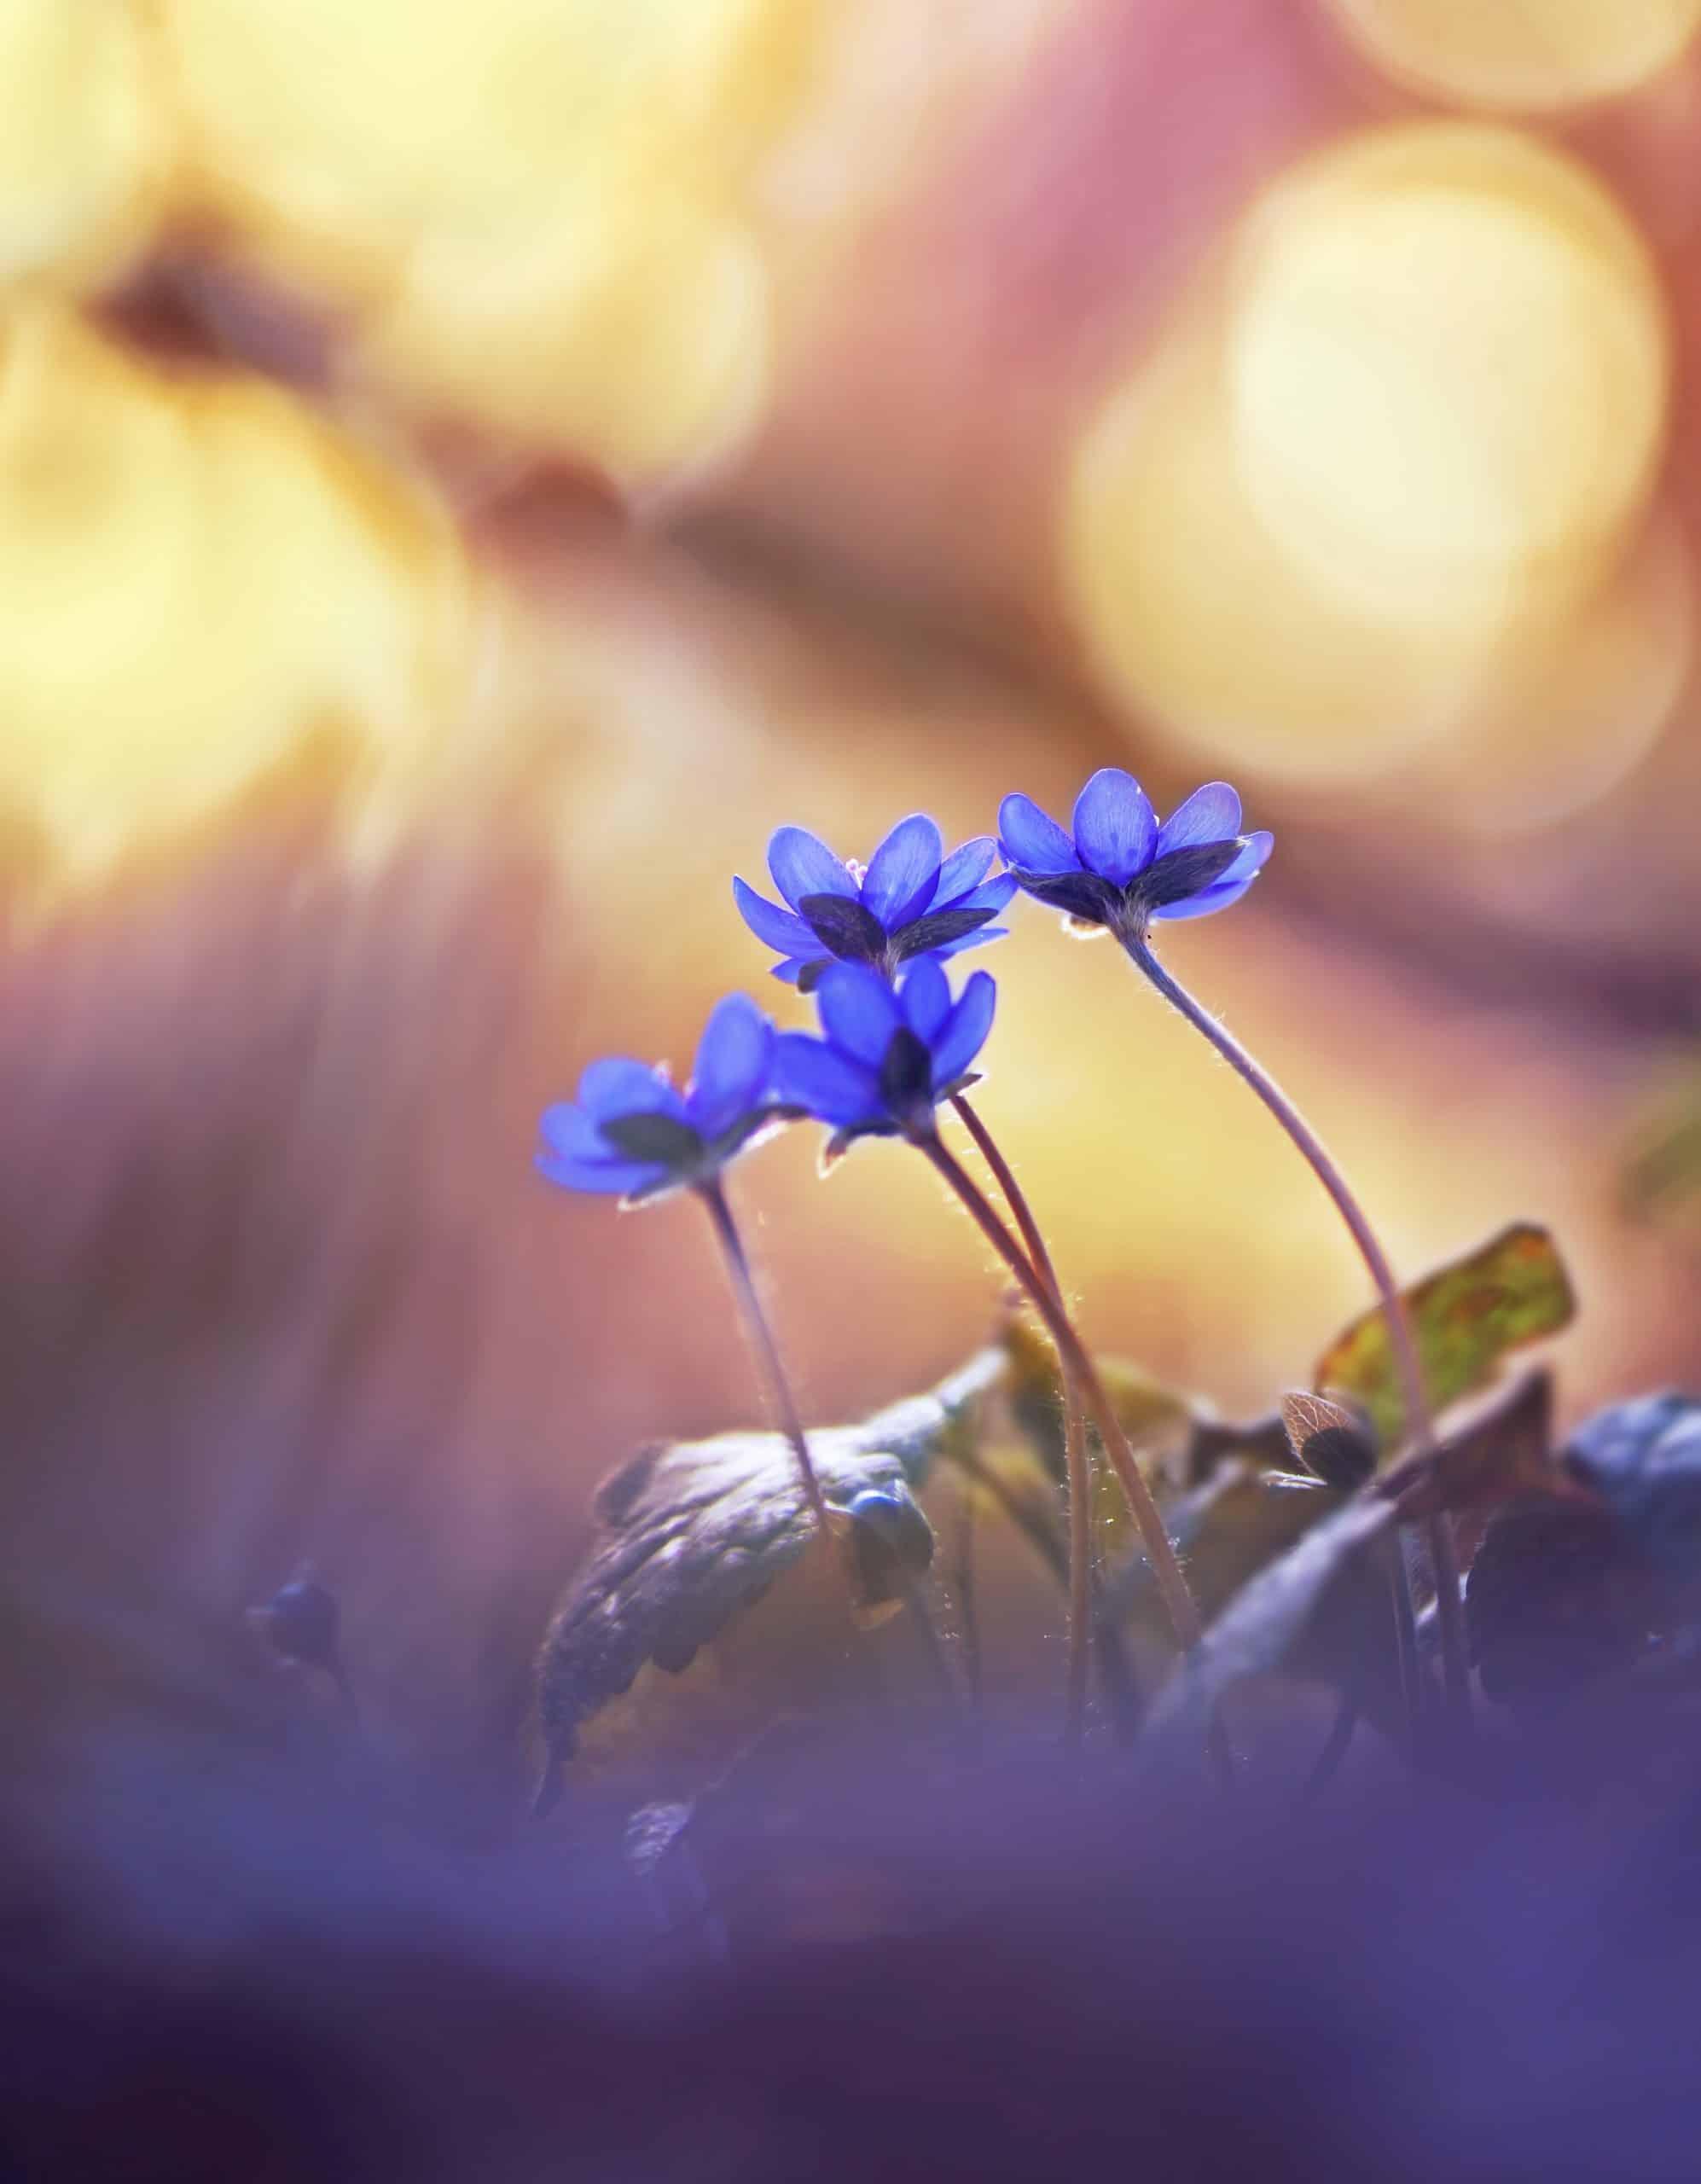 Blå blomst fobibehandlin.dk frygt for edderkopper - behandling af edderkopfobi (araknofobi)